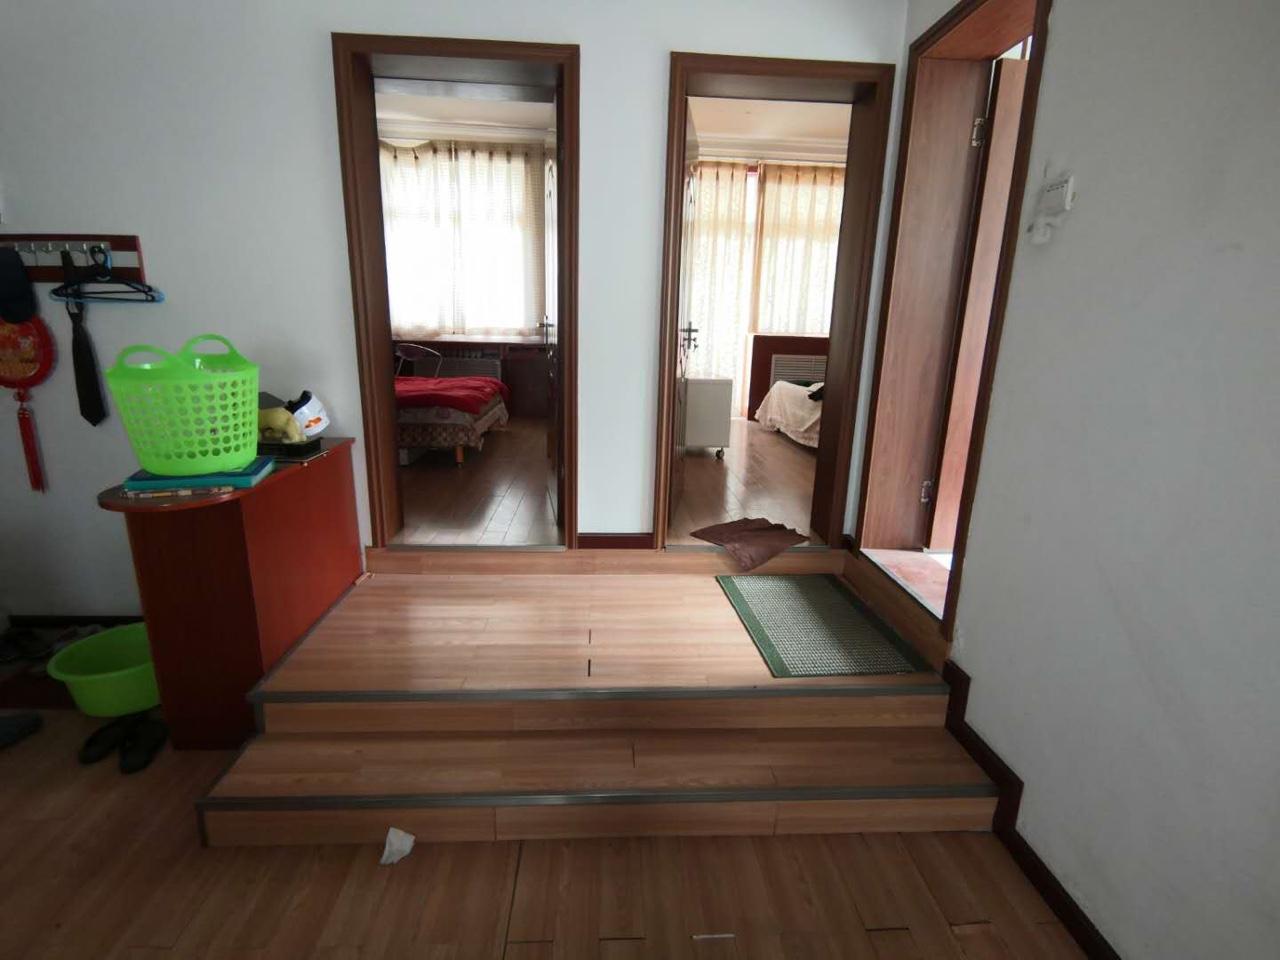 新安煤礦29號家屬樓3室 1廳 1衛